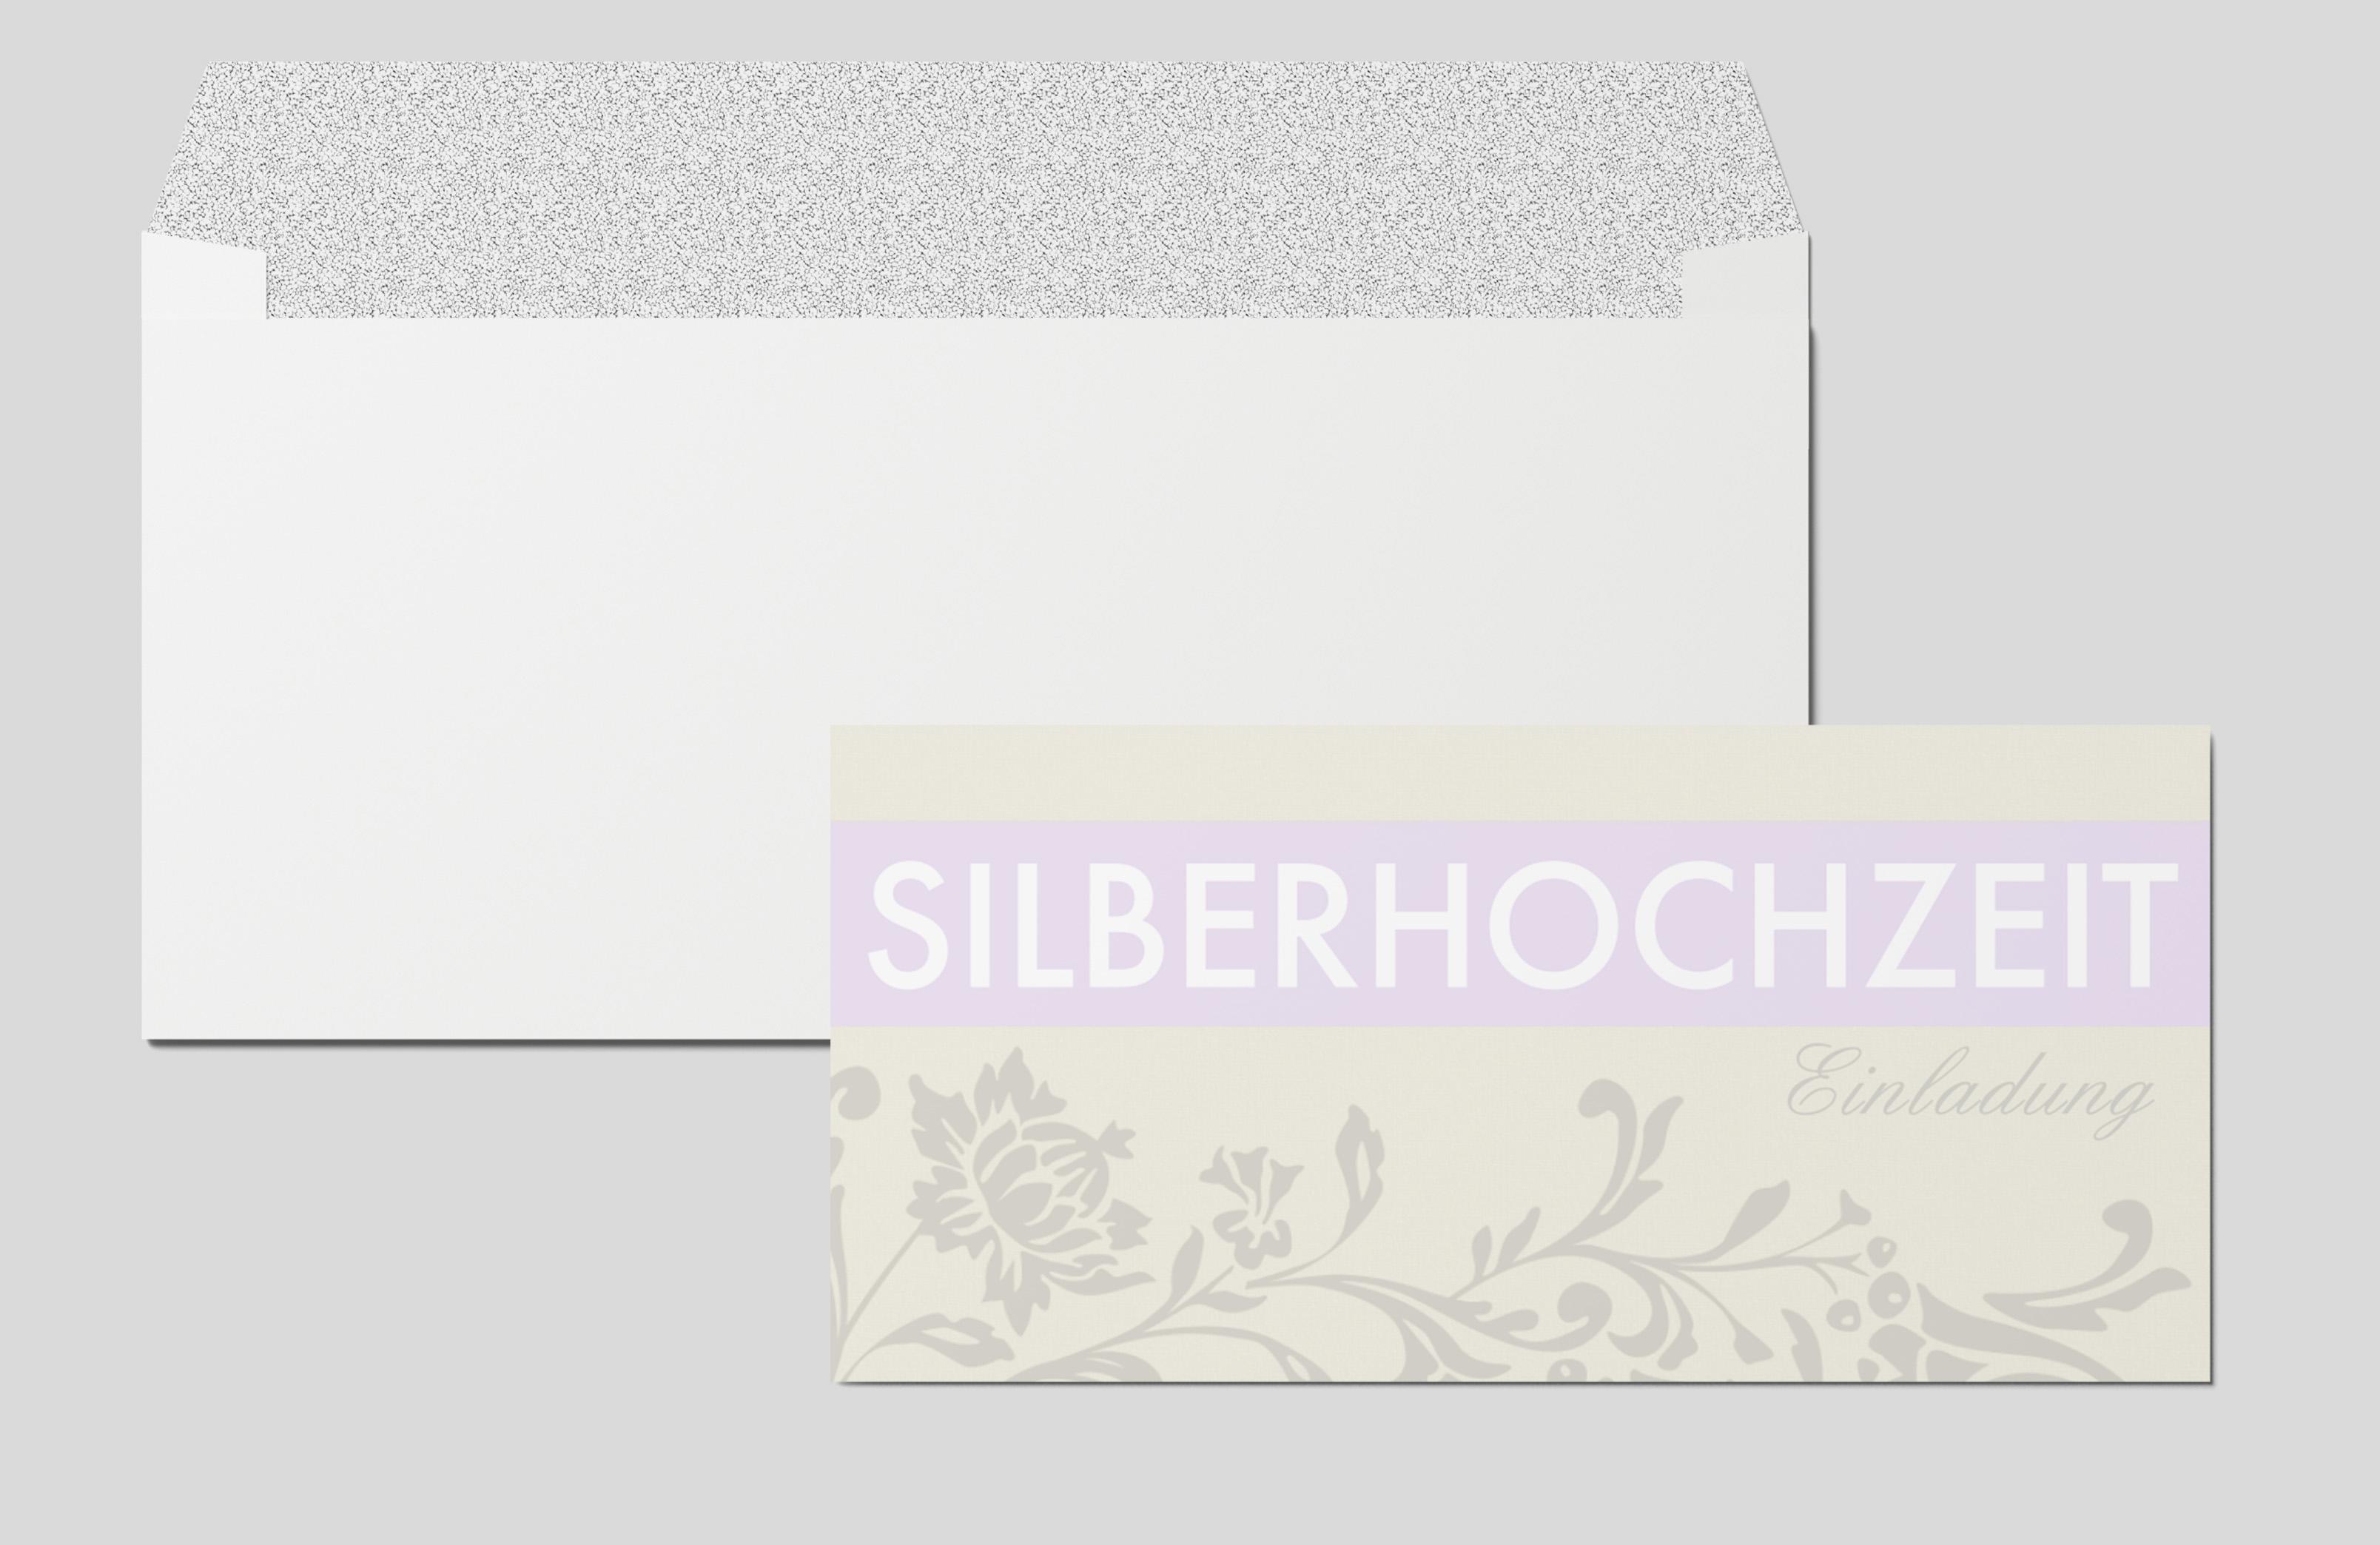 Einladungskarte Silberhochzeit Blumenornament